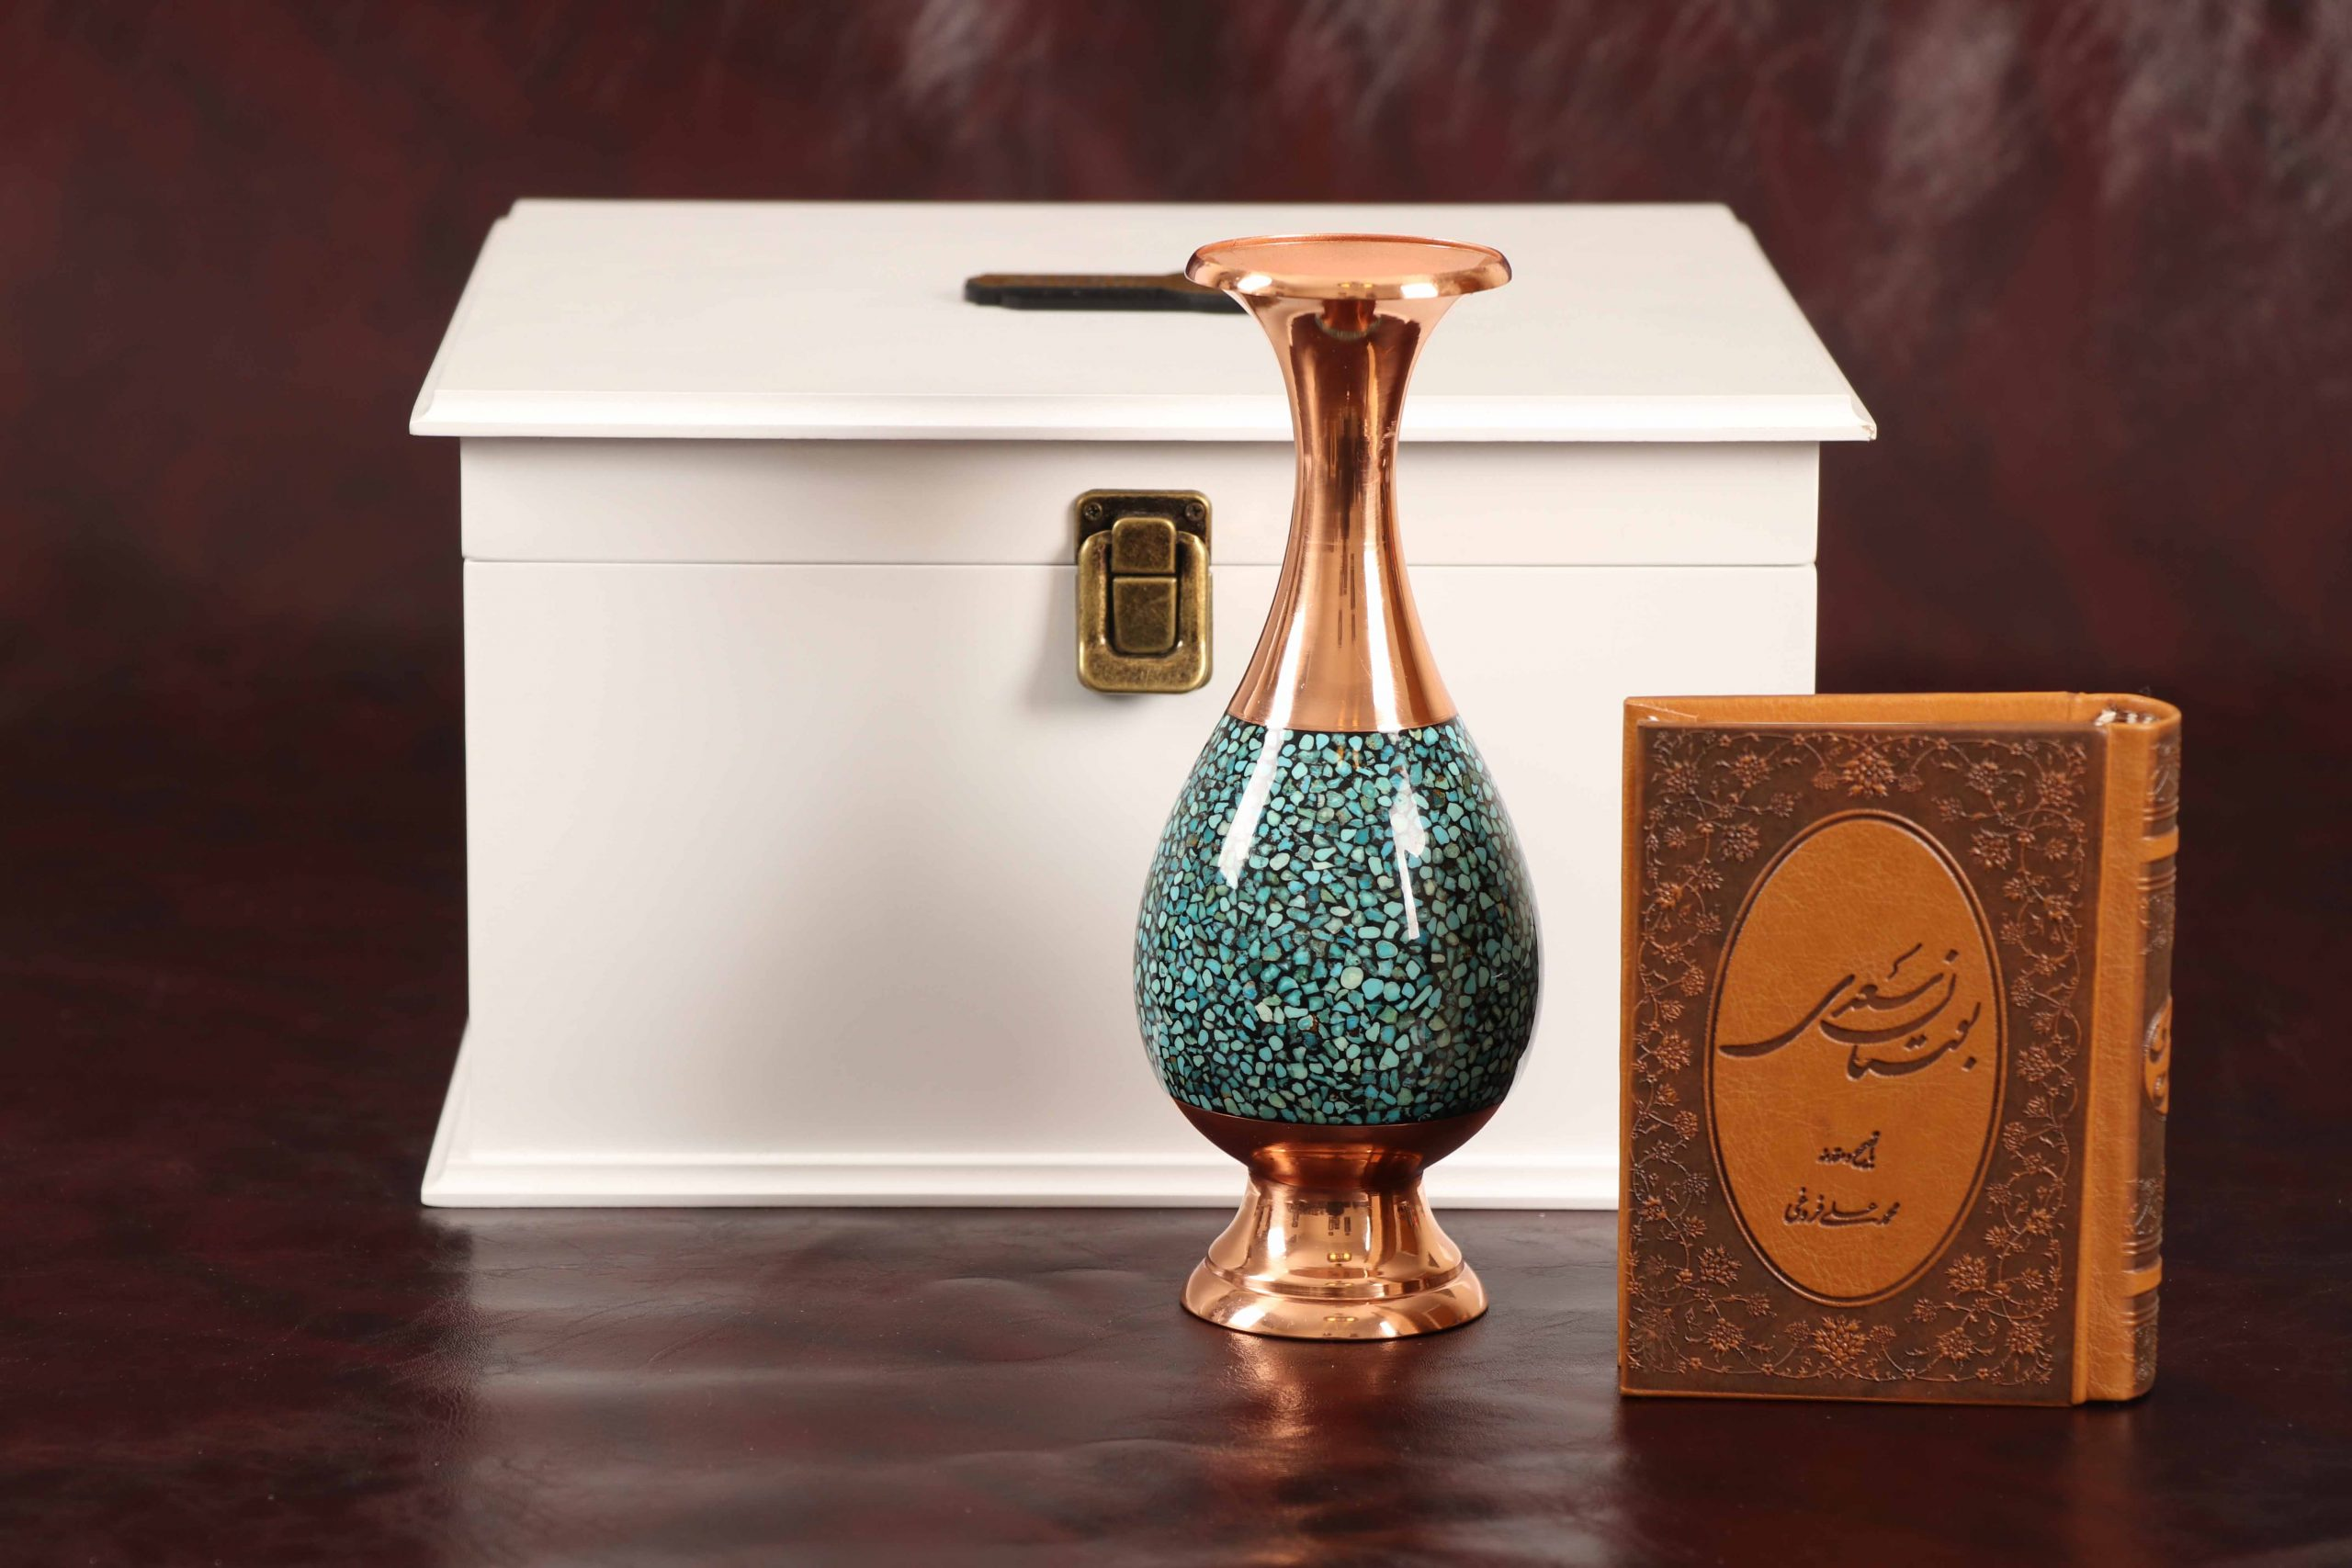 ست گلدان فیروزه کوبی و دیوان حافظ